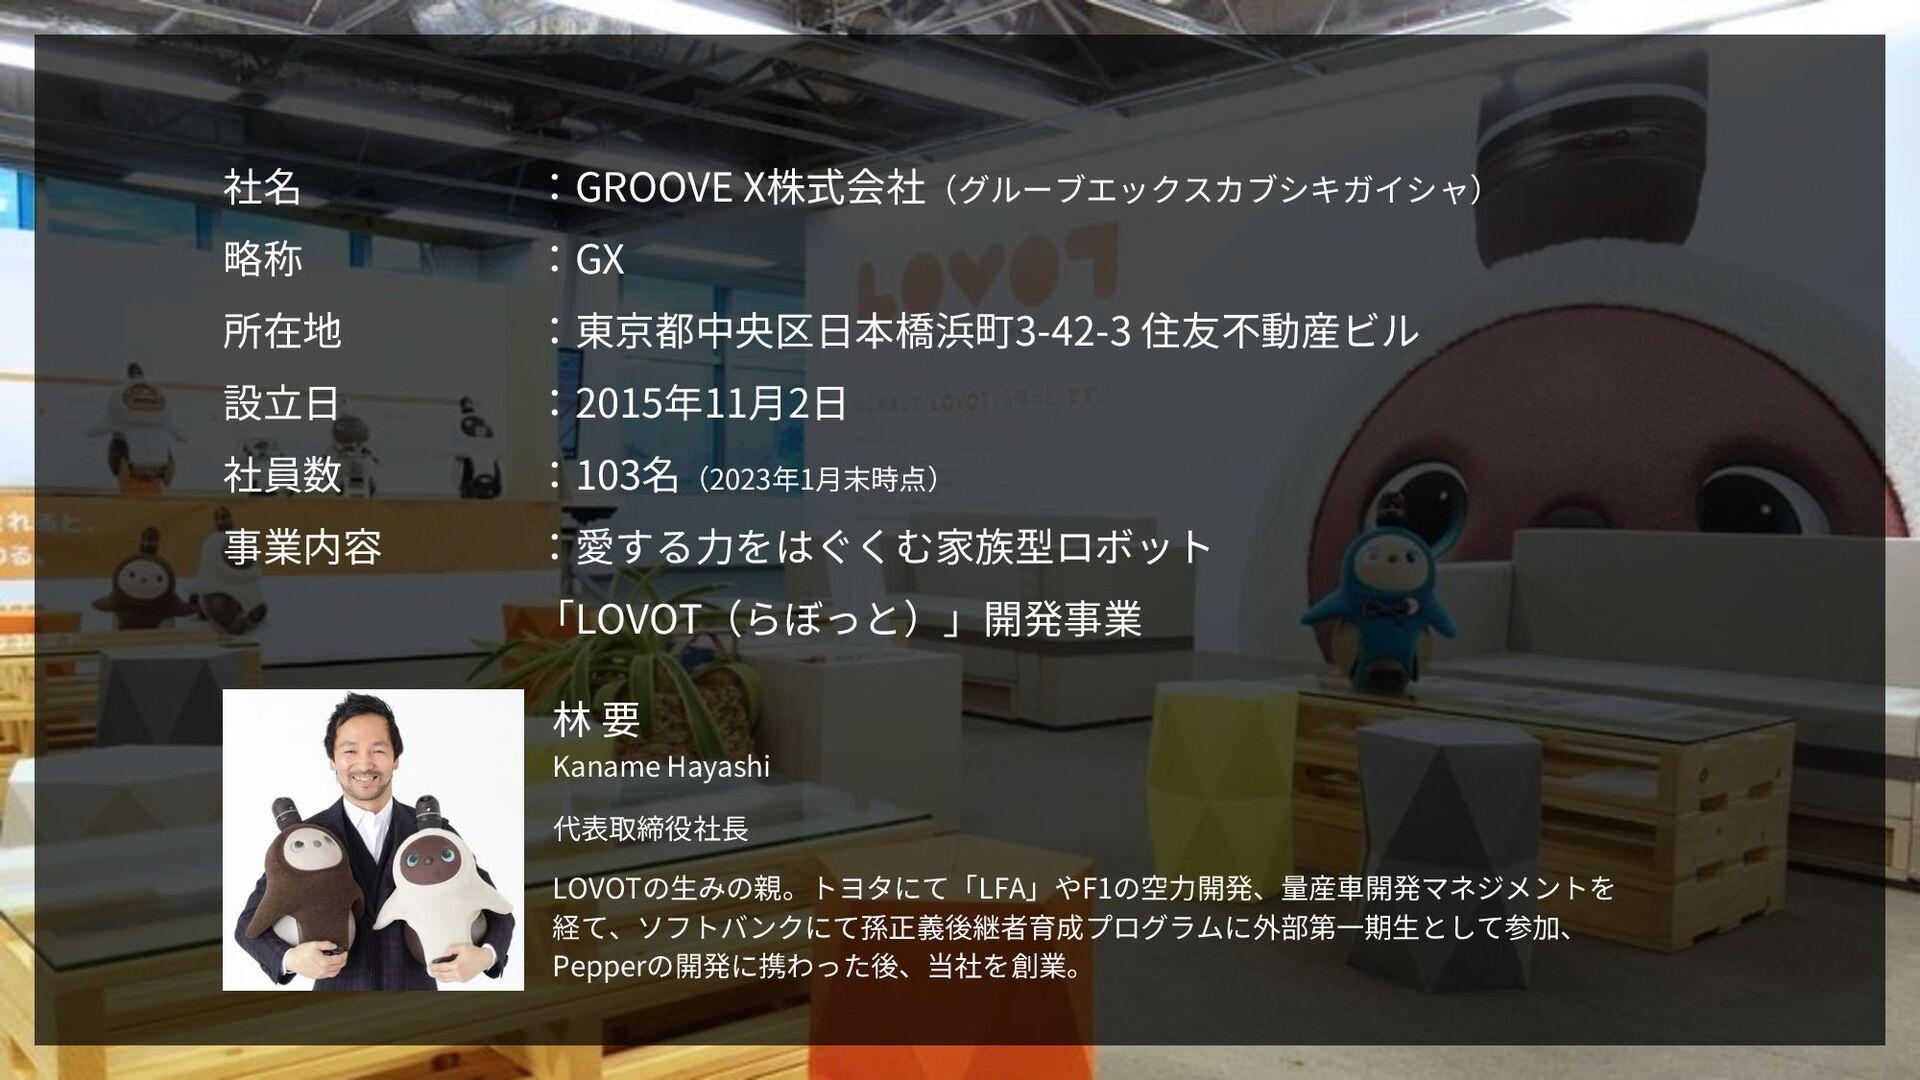 社名 :GROOVE X株式会社(グルーブエックスカブシキガイシャ) 略称 :GX 所在地 :...